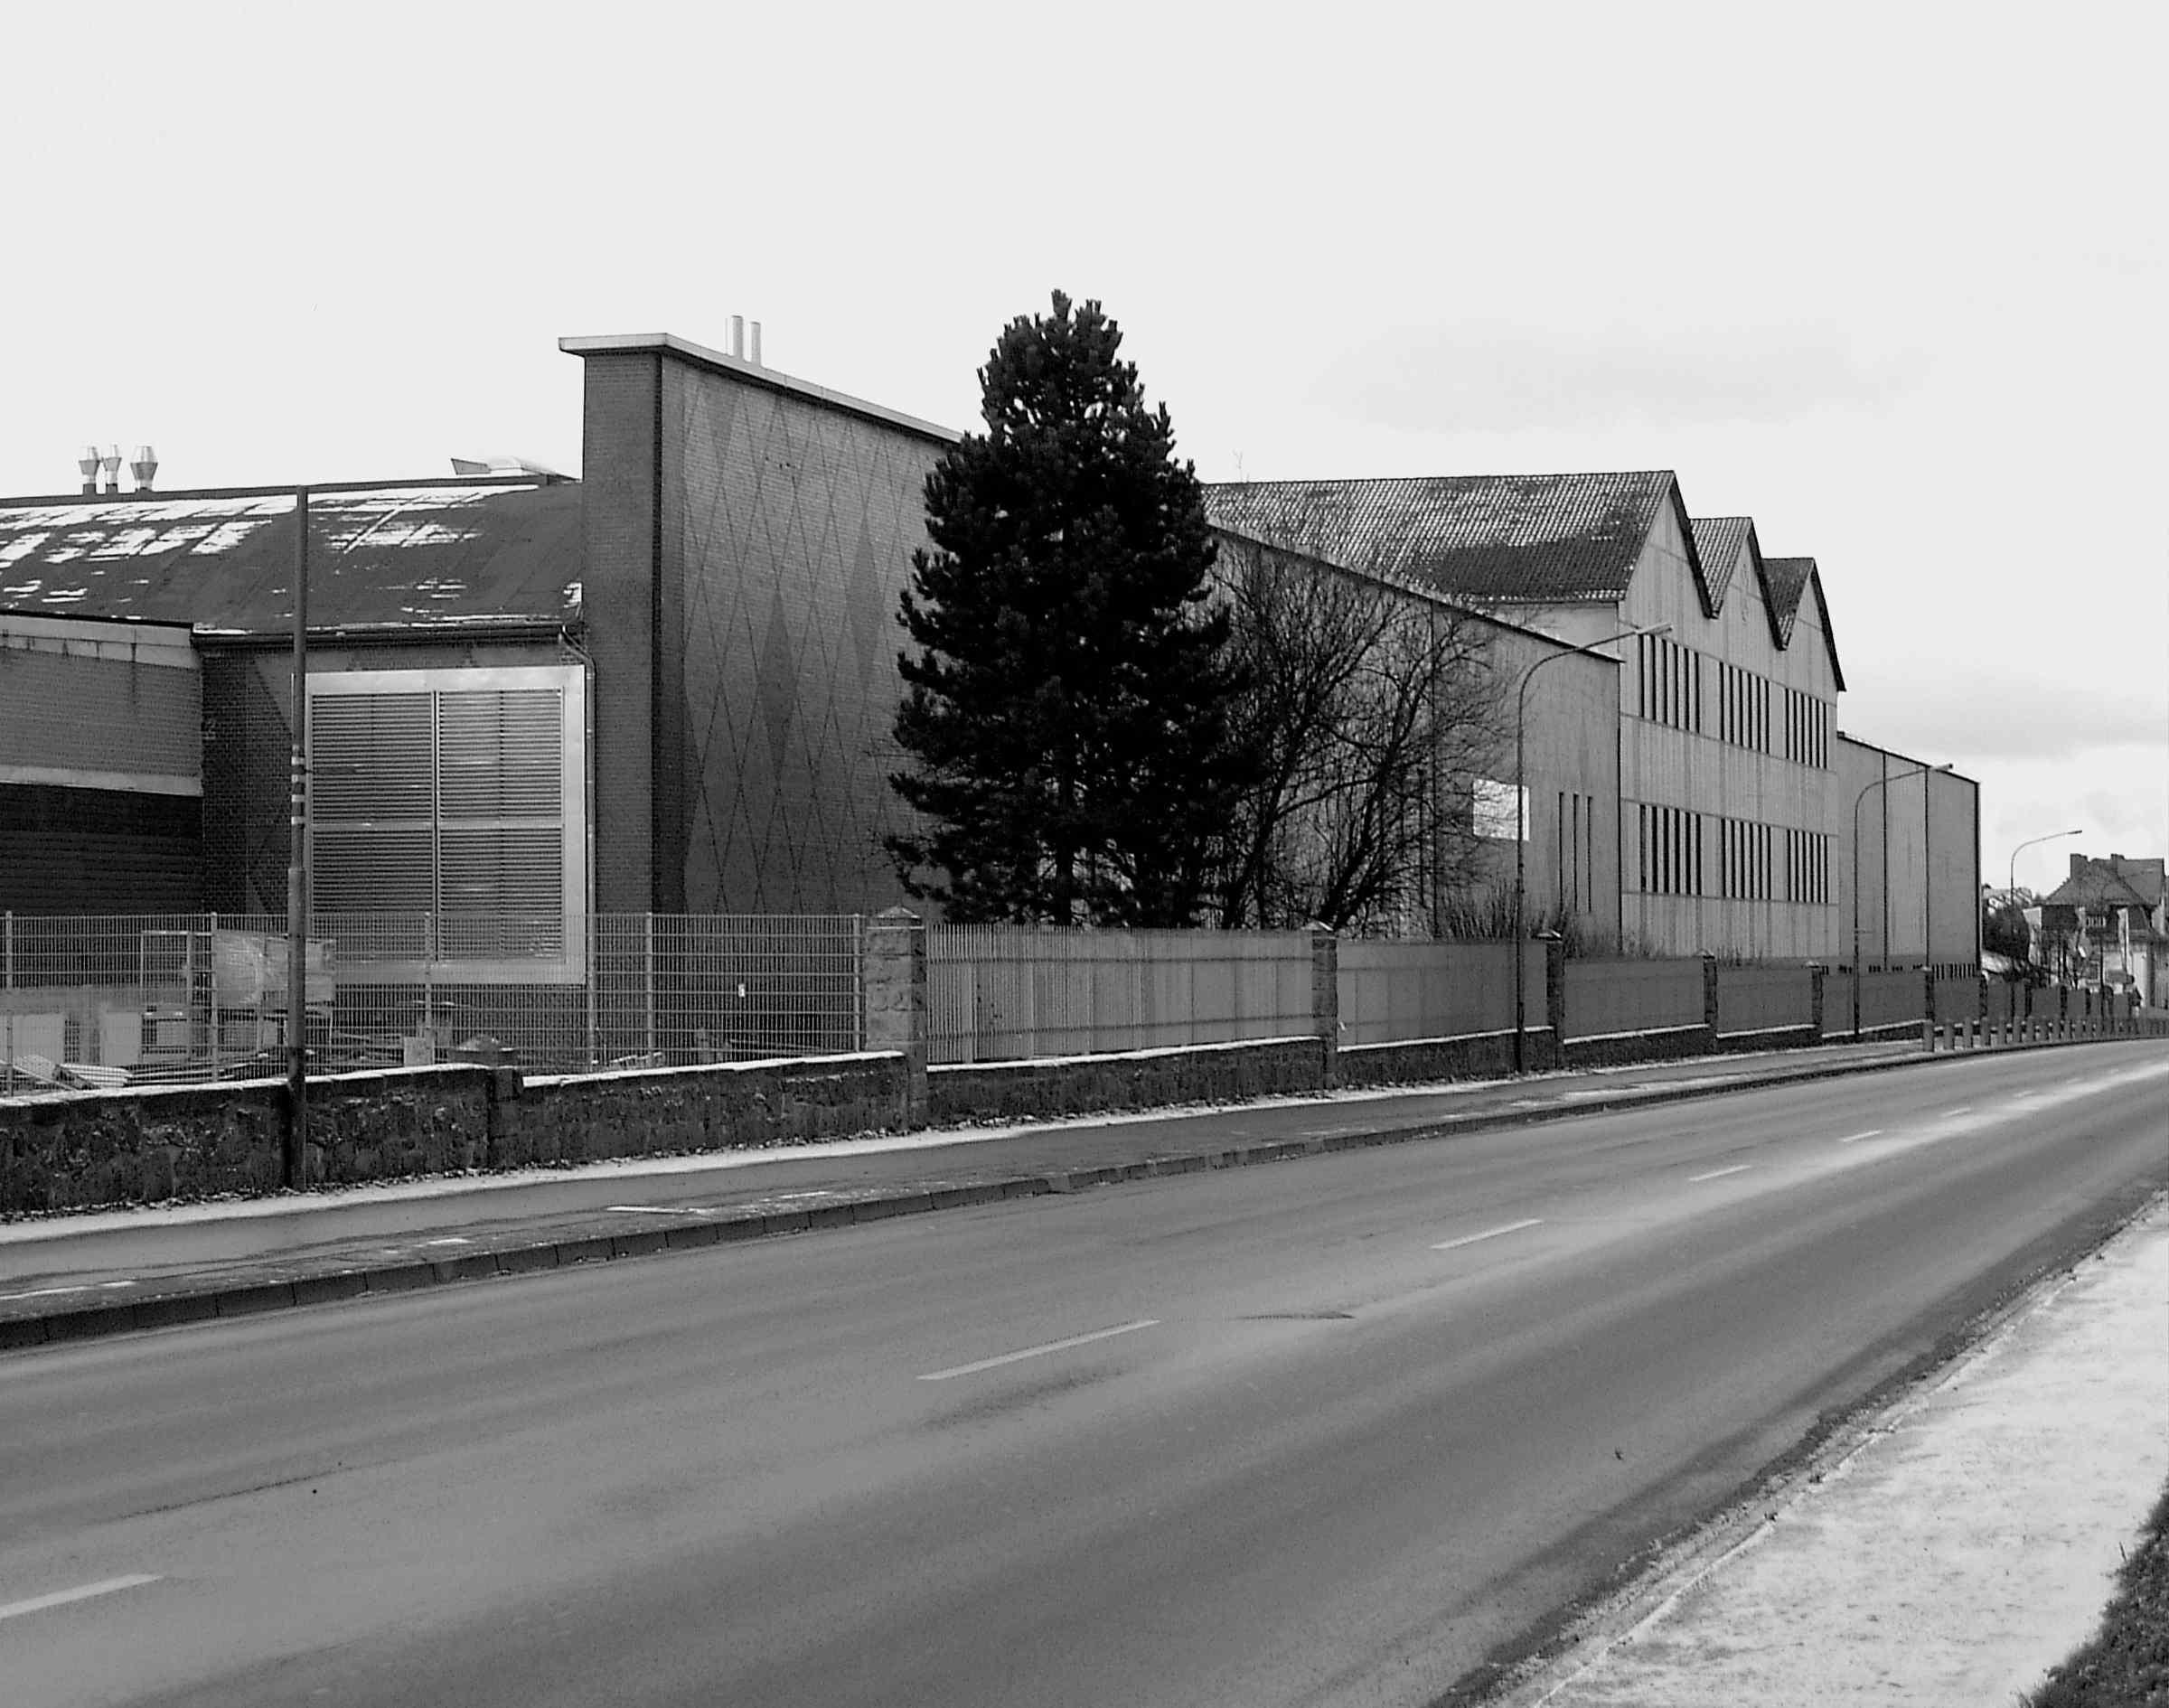 Das Firmengebäude der Druckerei Vogt Foliendruck an der Leipziger Straße